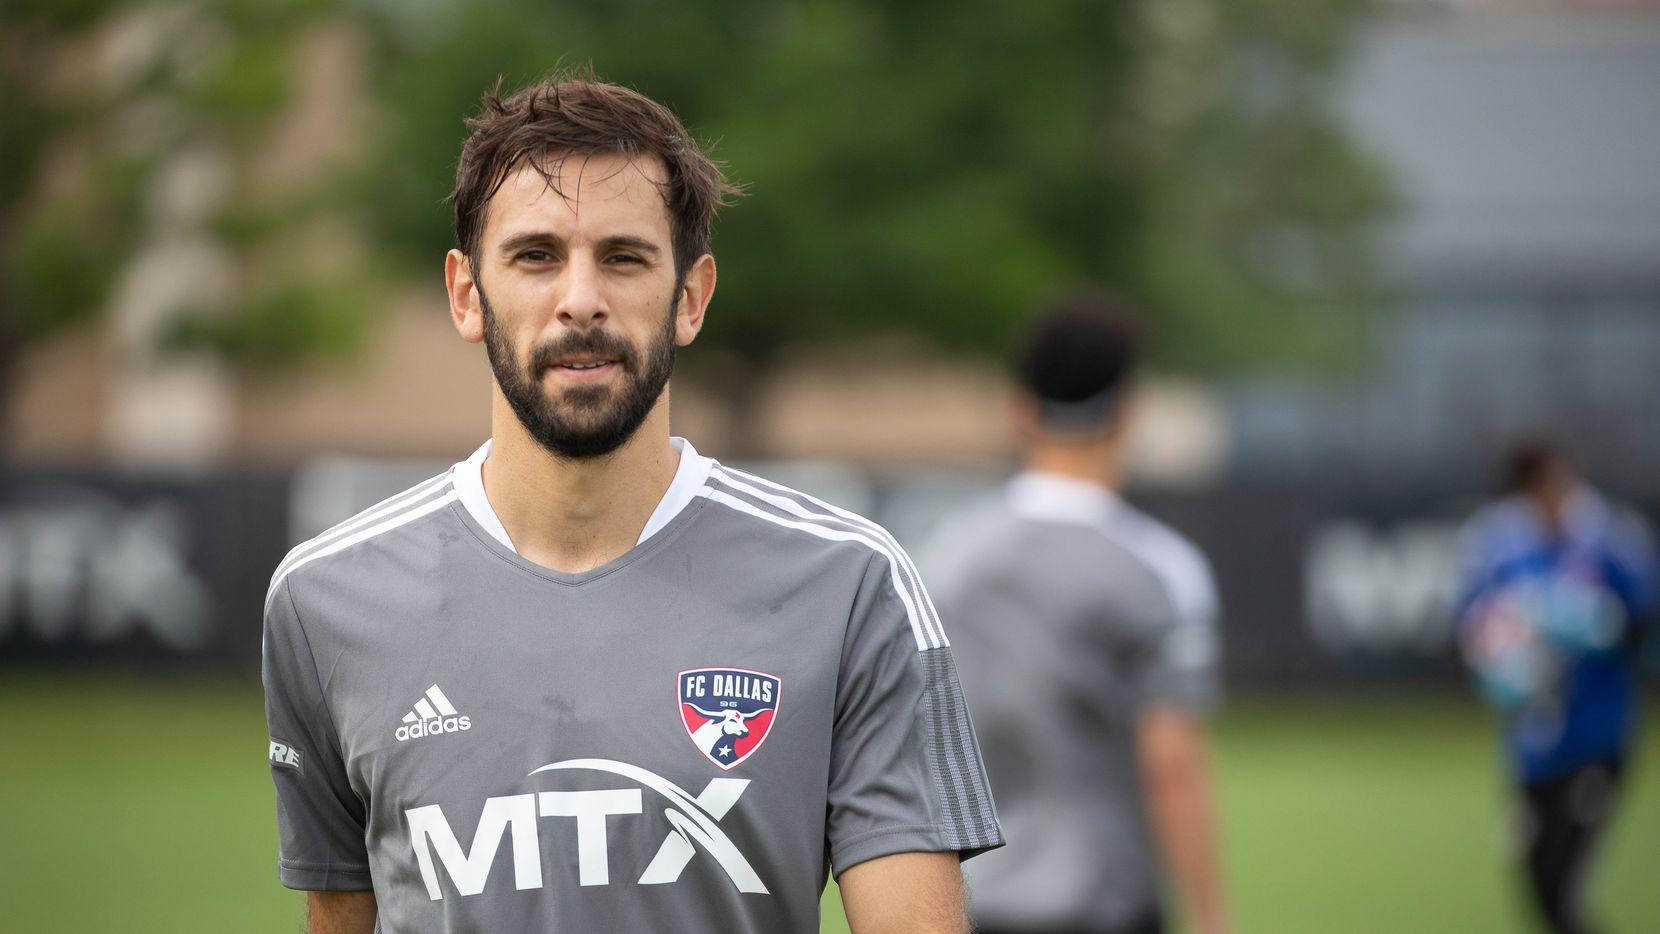 El mediocampista argentino Facundo Quignon ya entrena con el FC Dallas.